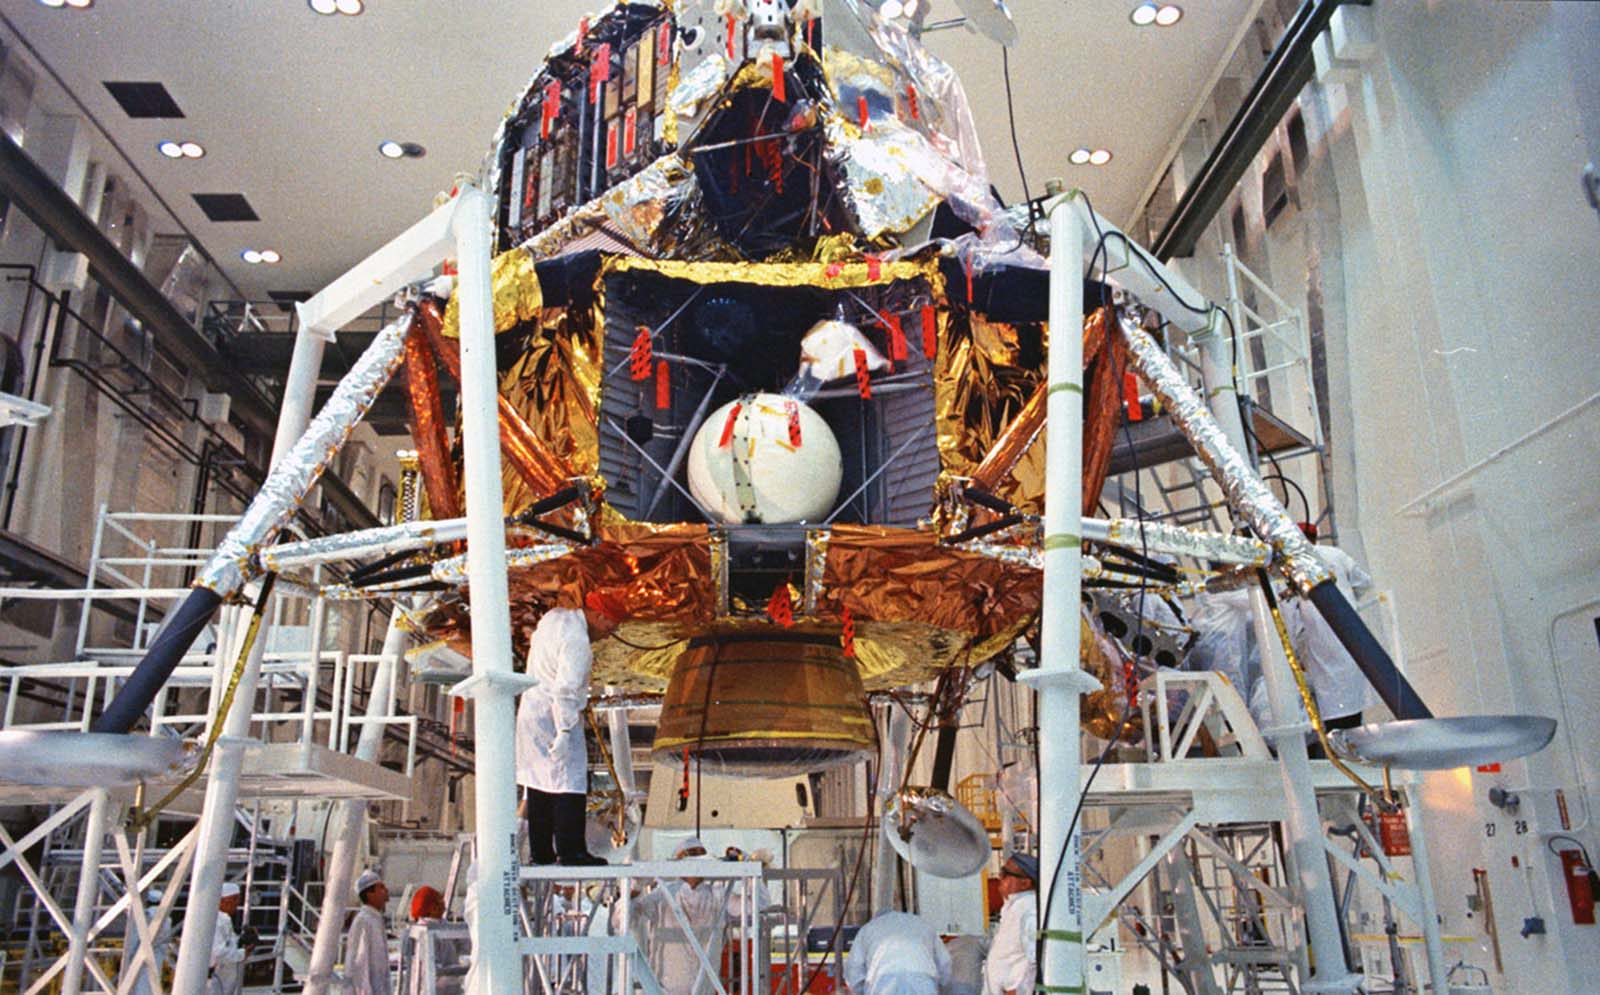 Apollo 11 preparation%2B%252818%2529 - Fotos raras da preparação de Neil Armstrong antes de ir a Lua